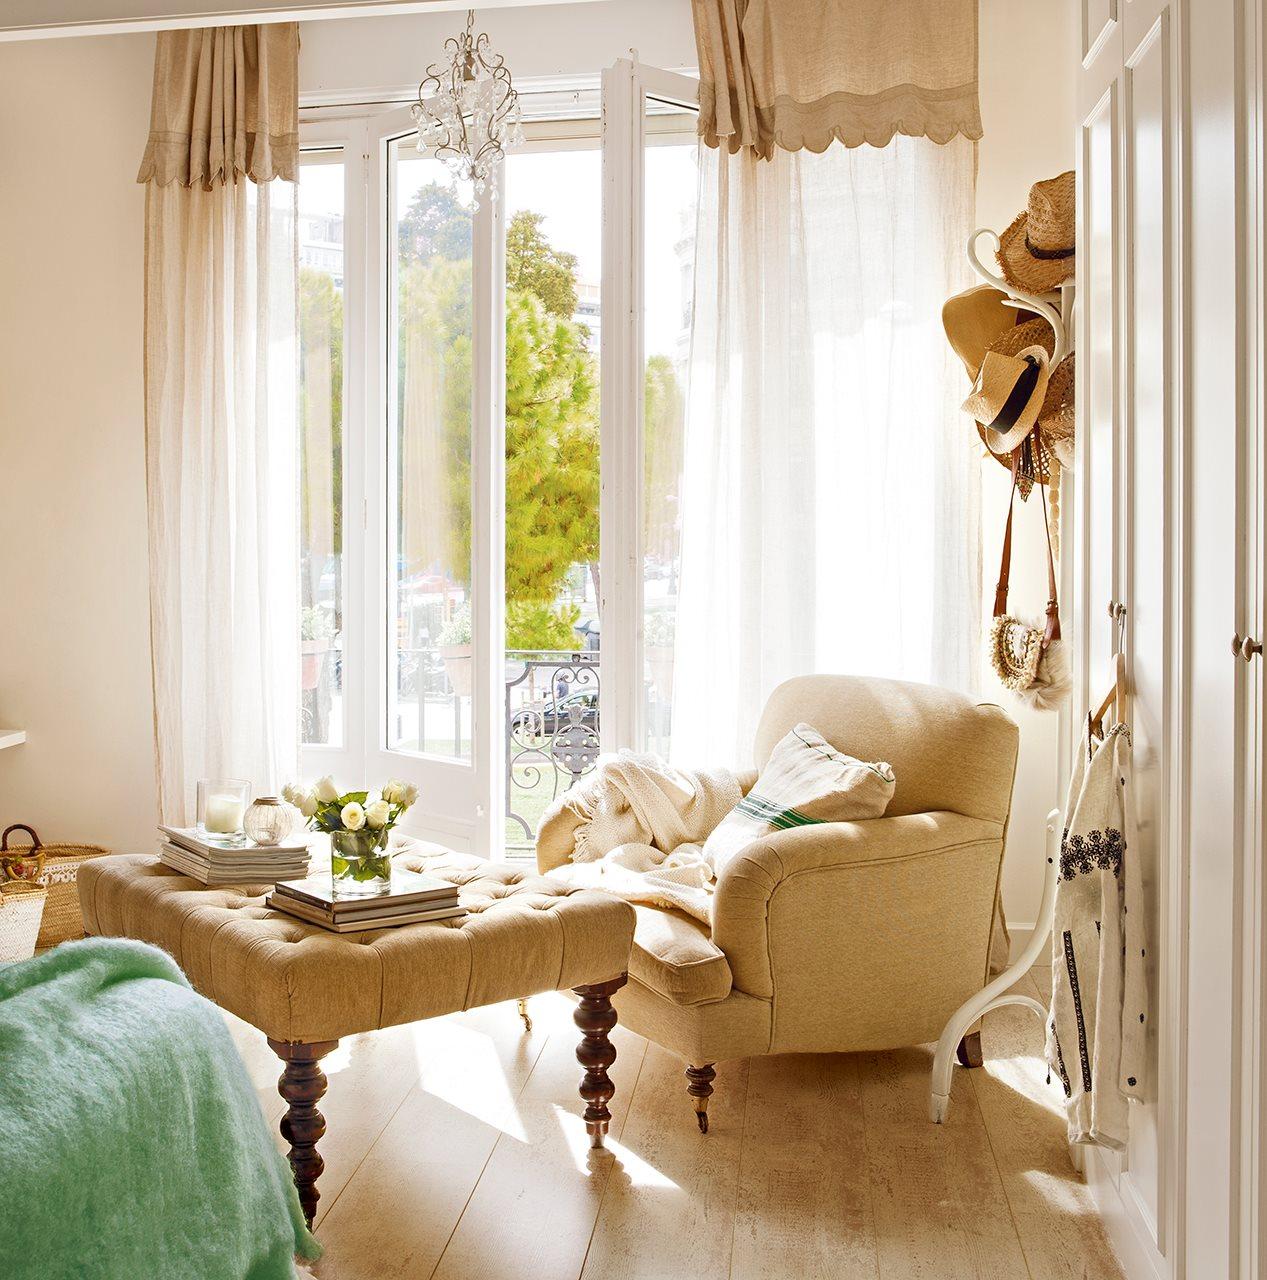 Salón con butaca y puf tapizado estilo chester a modo mesilla auxiliar. salon tonos tostados y butaca con gran ventanal